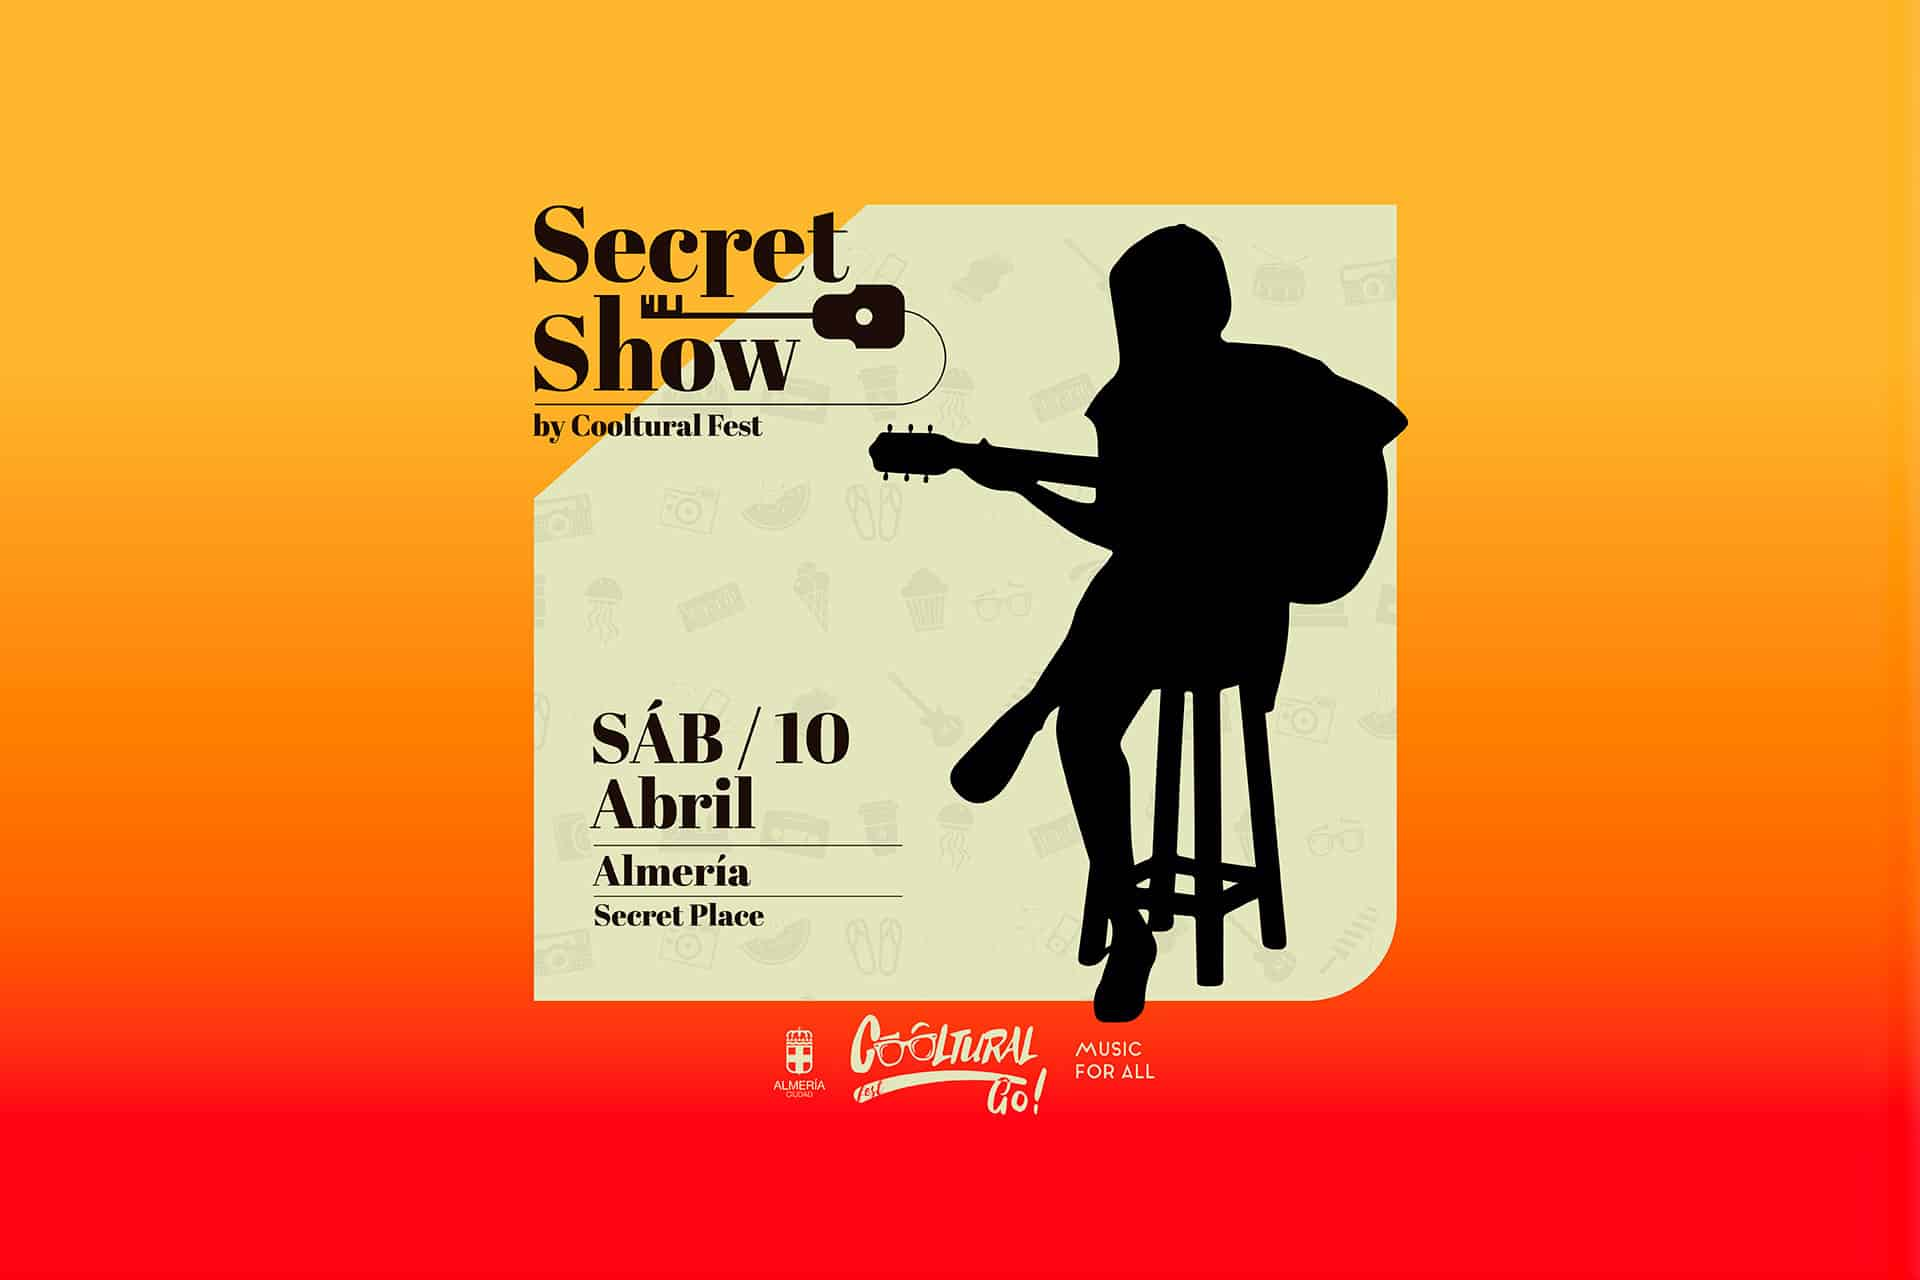 Gana dos entradas para el Secret Show by Cooltural Fest